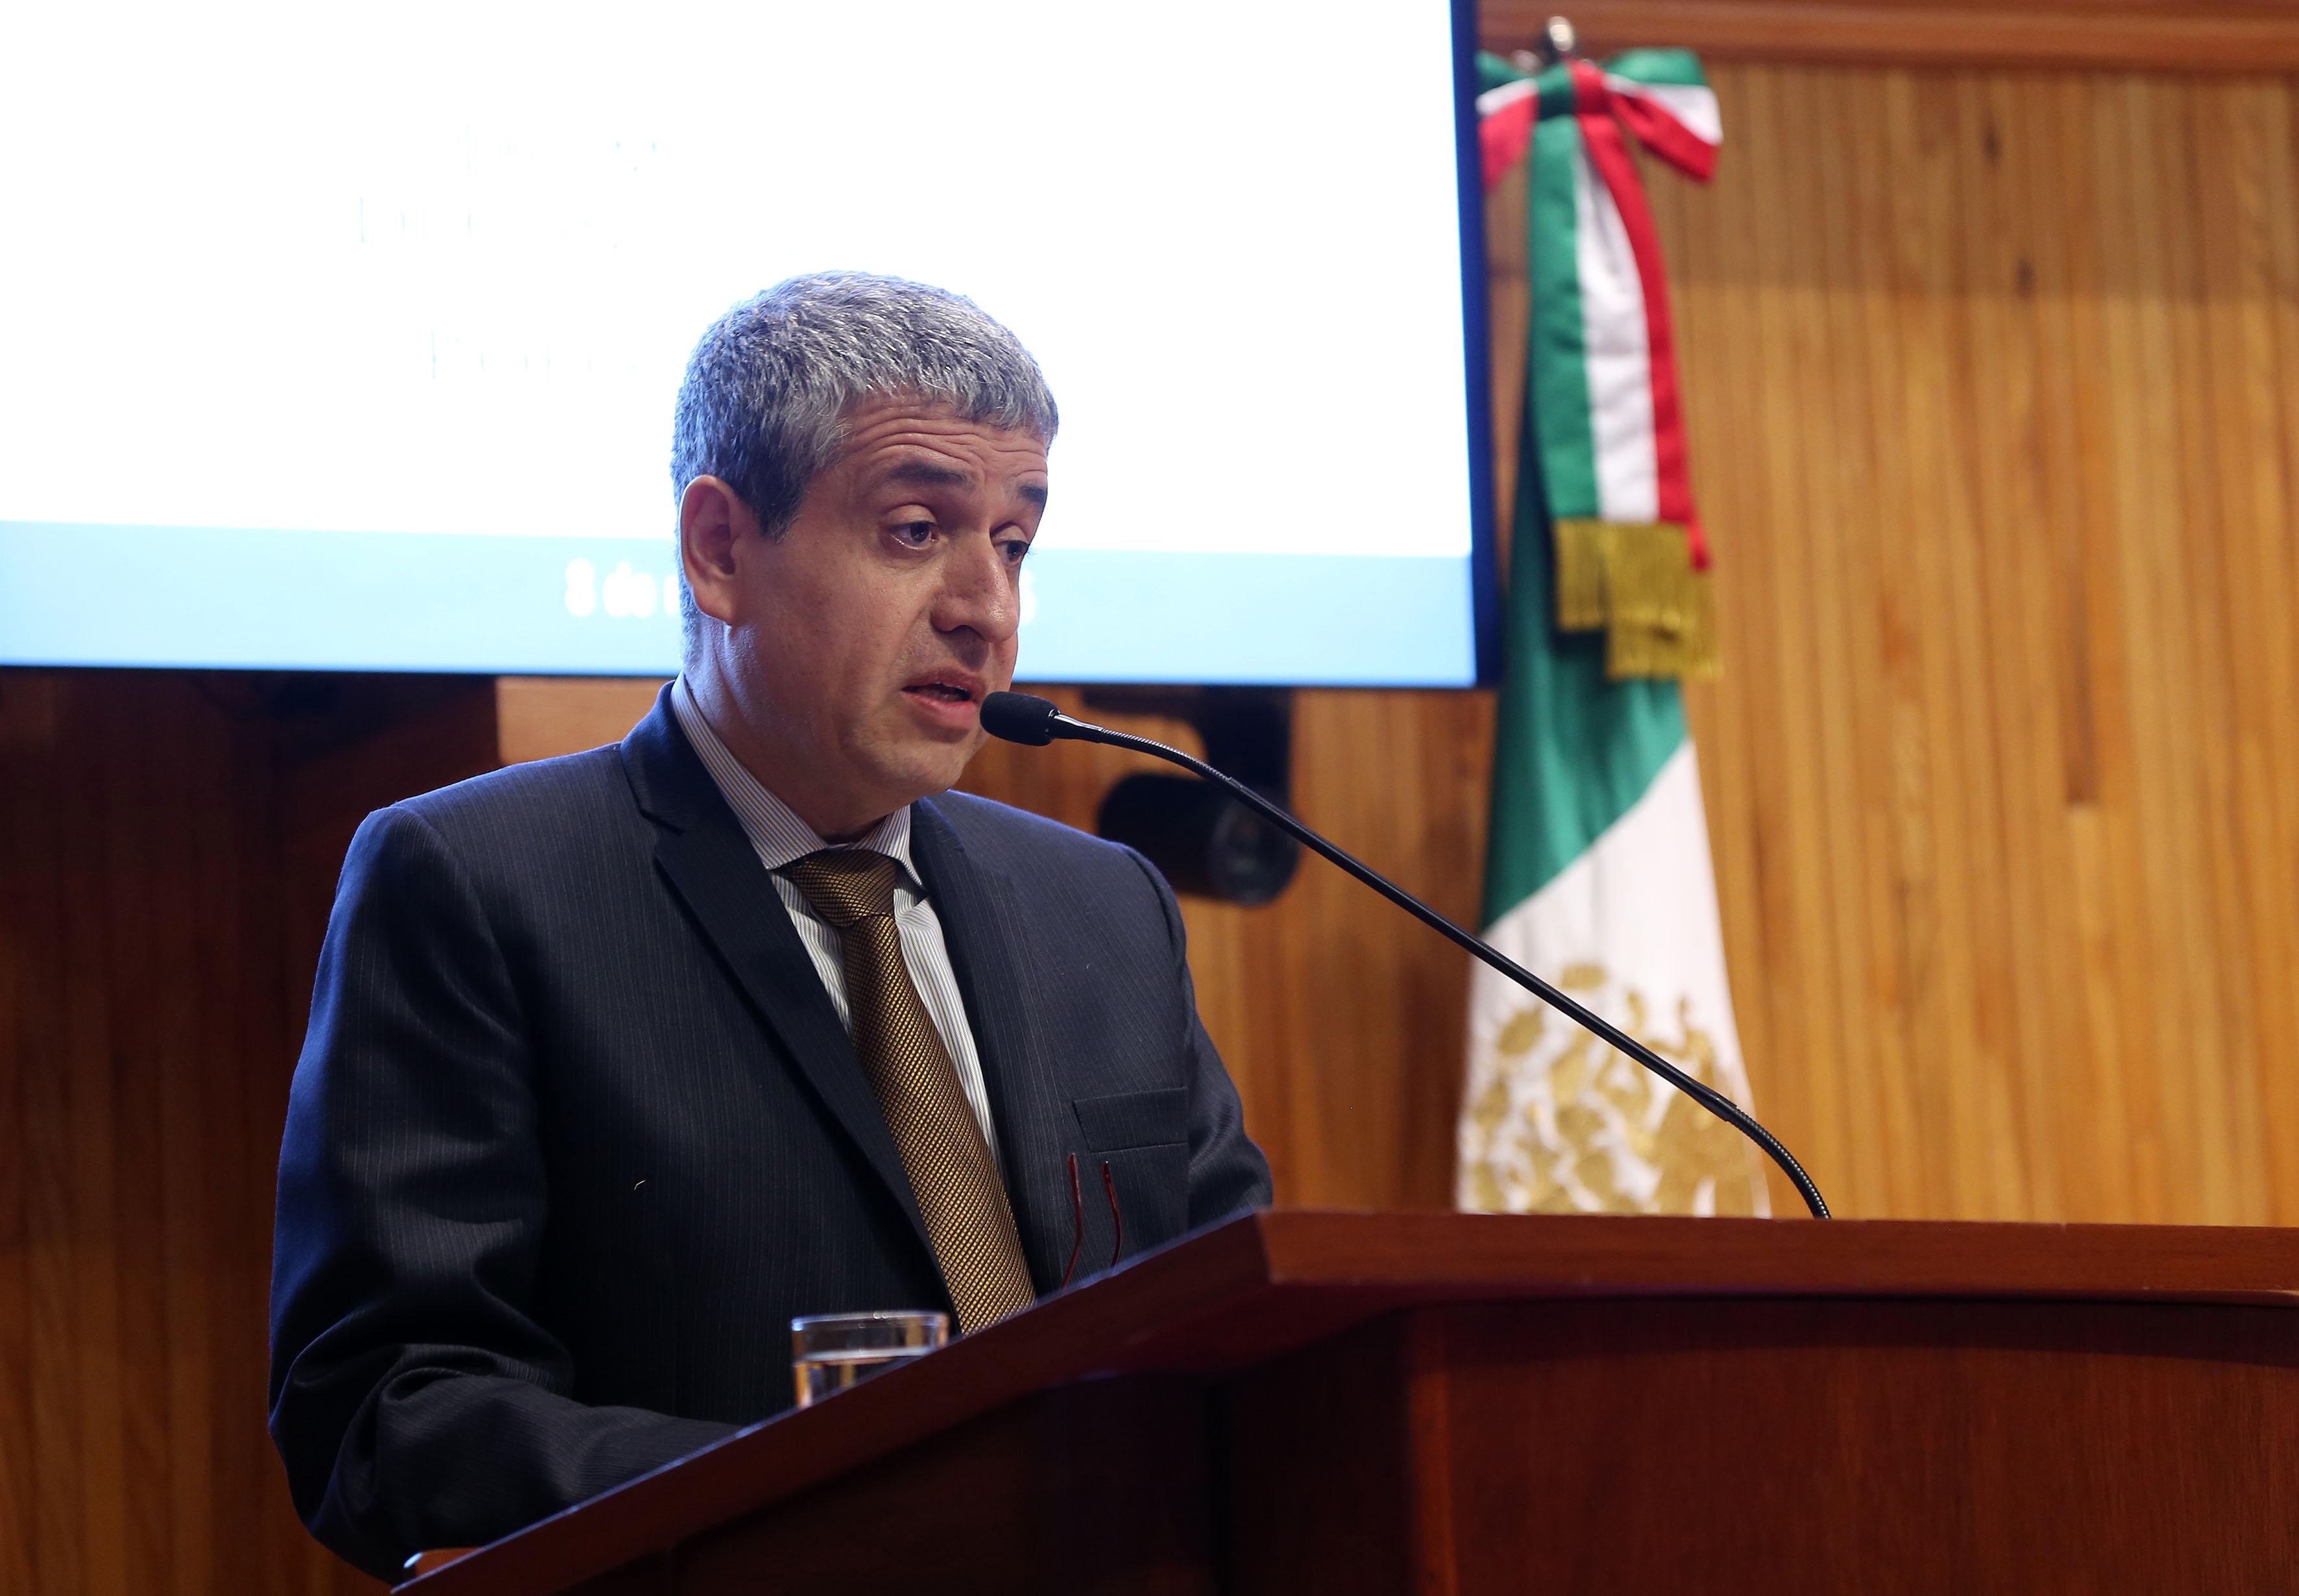 Al frente del micrófono el doctor Hector Raul Solís Gadea, Rector del Centro Universitario de Ciencias Sociales y Humanidades